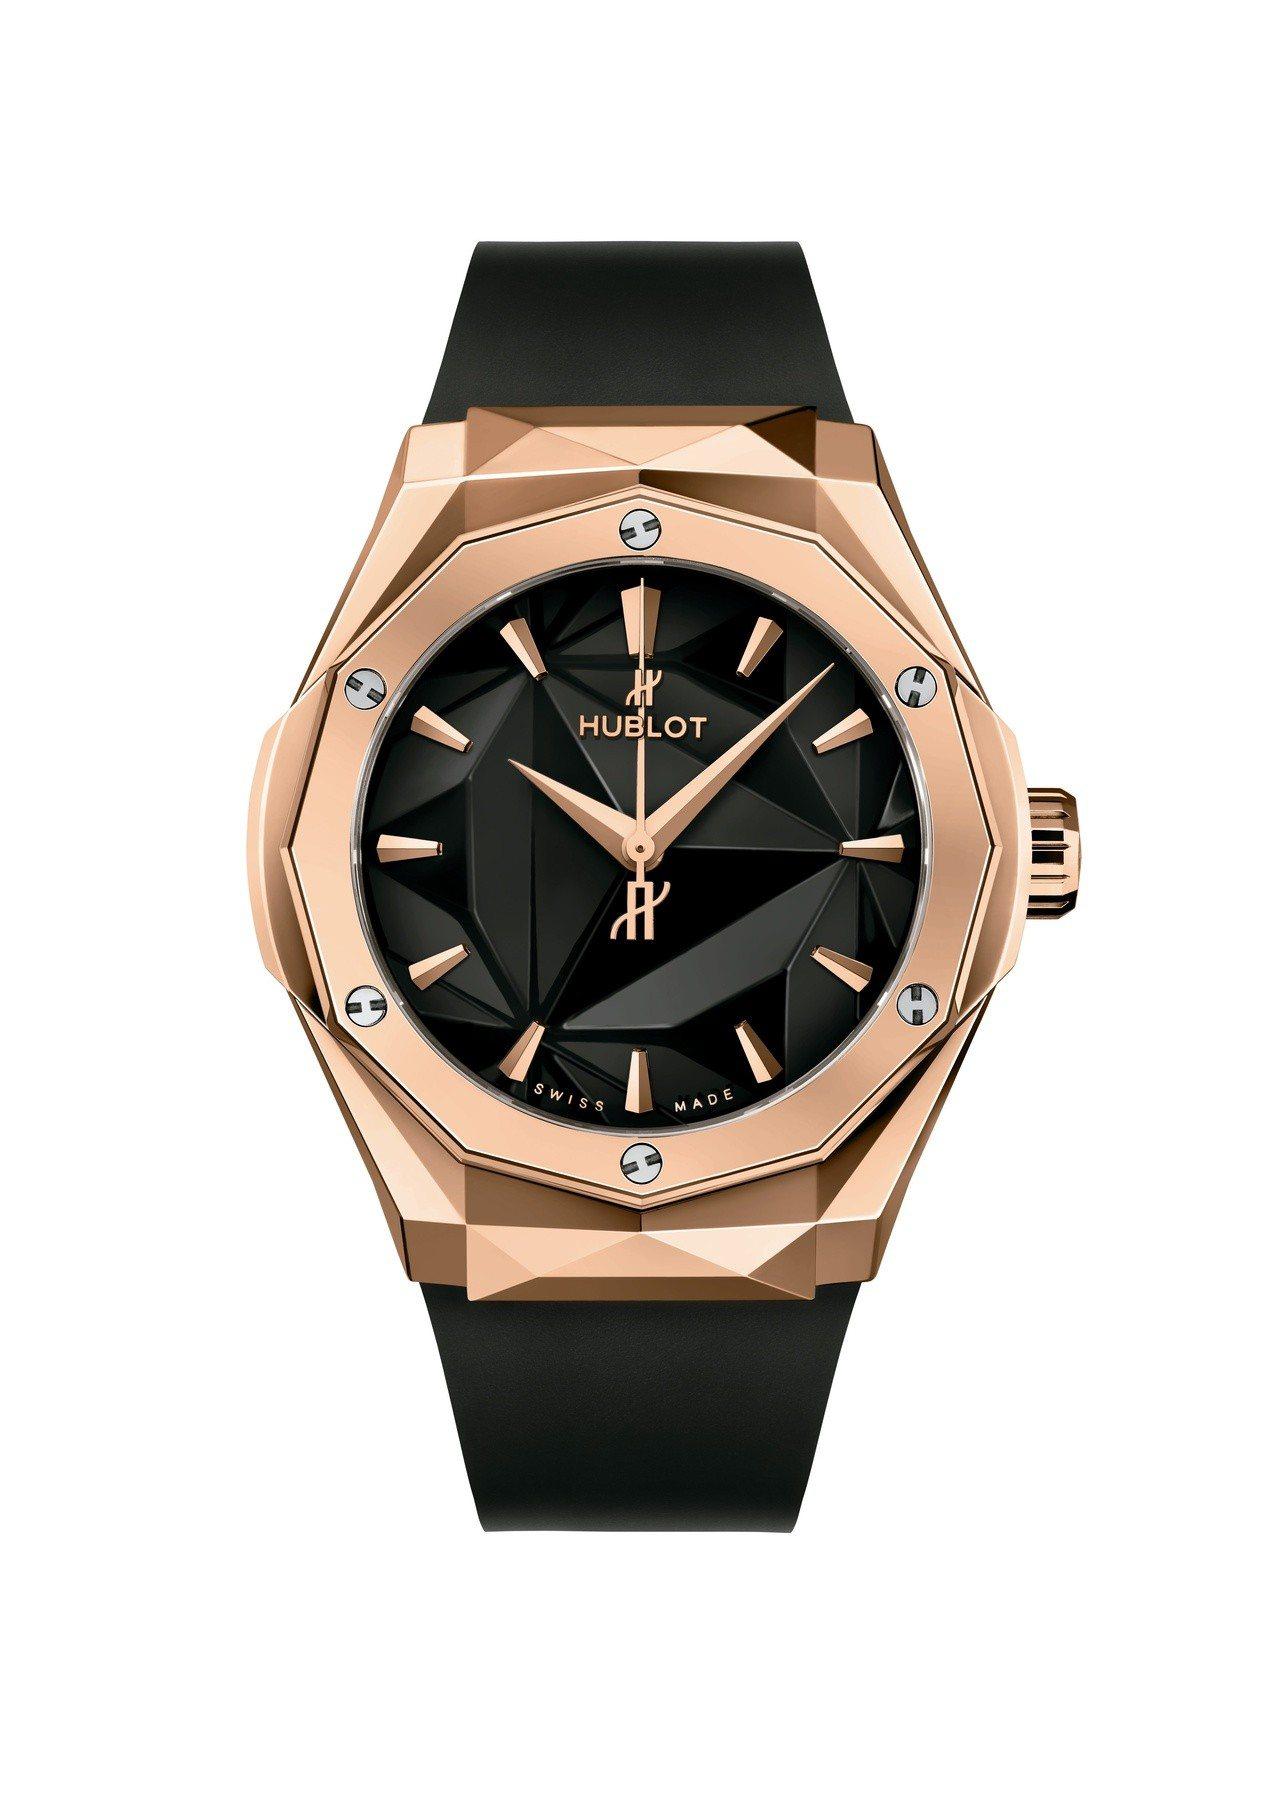 宇舶經典融合系列Orlinski聯名腕表,皇金表殼,全球限量100只,價格未定。...